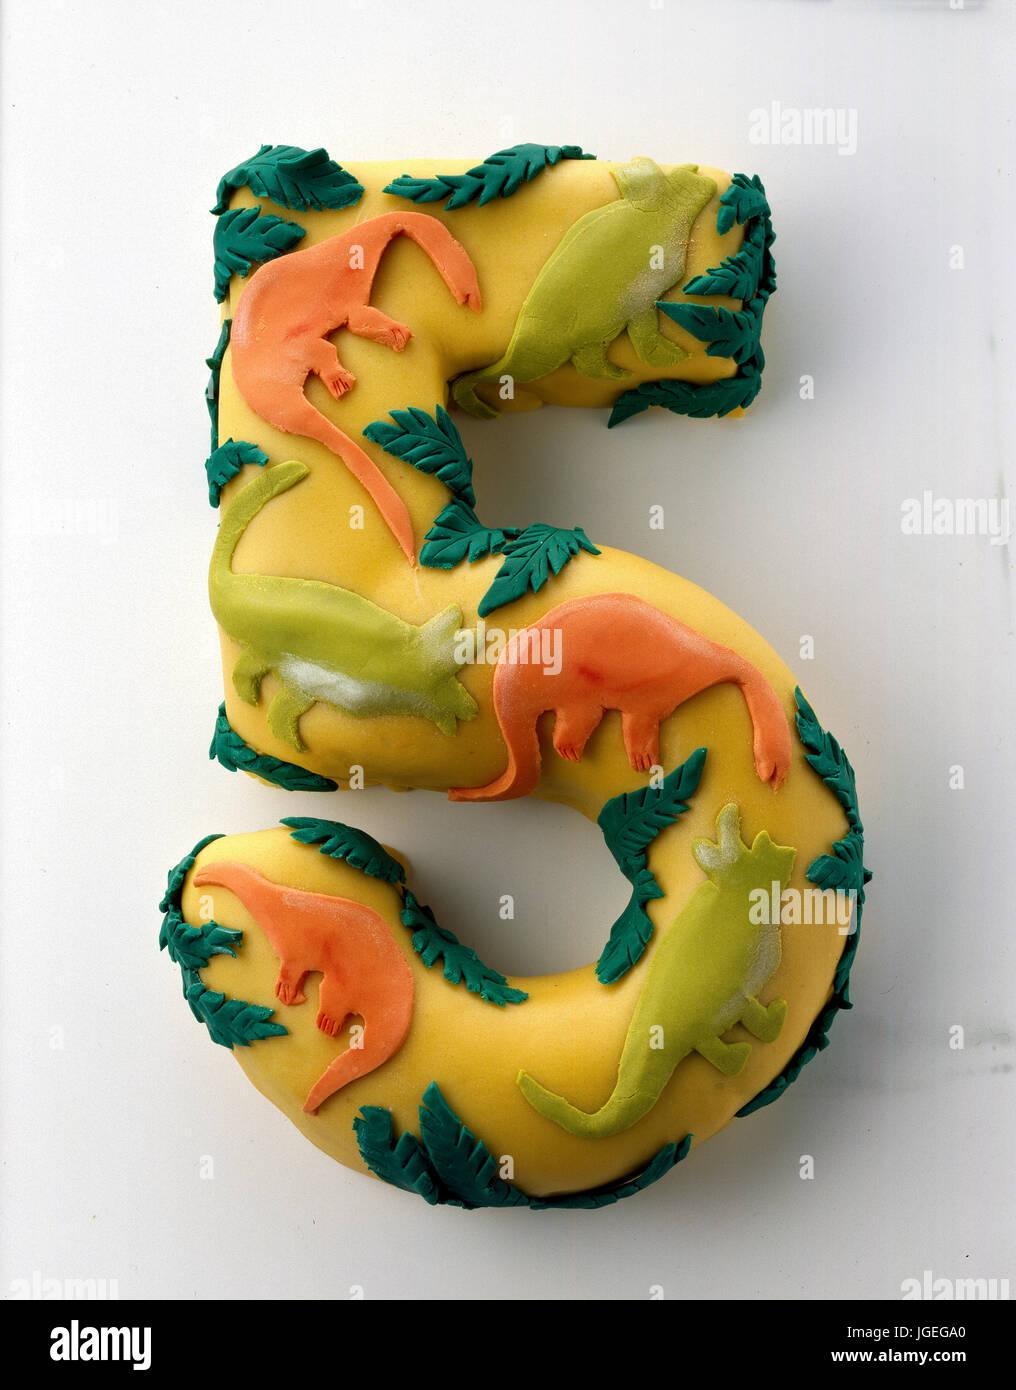 Neuheit Childrens Birthday Cake Eingerichtet 5 Geburtstag Kuchen